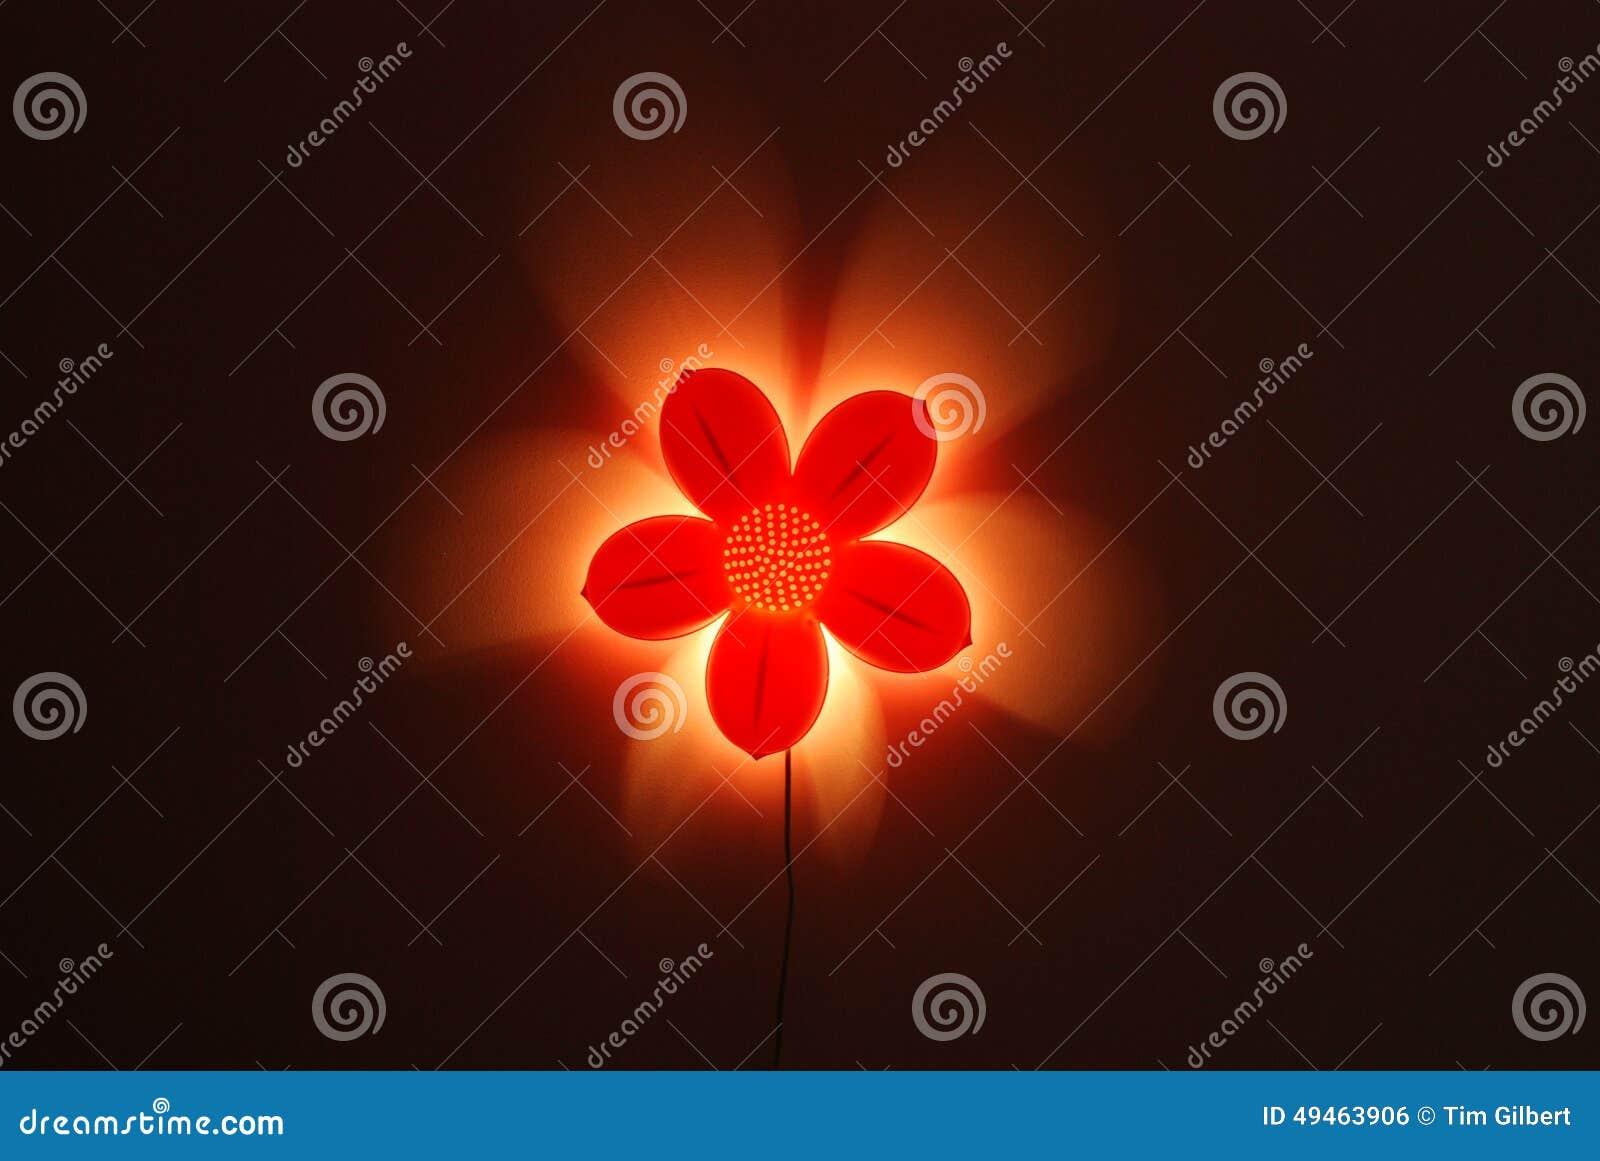 https://thumbs.dreamstime.com/z/roze-bloemblaadje-verlichte-bloem-49463906.jpg